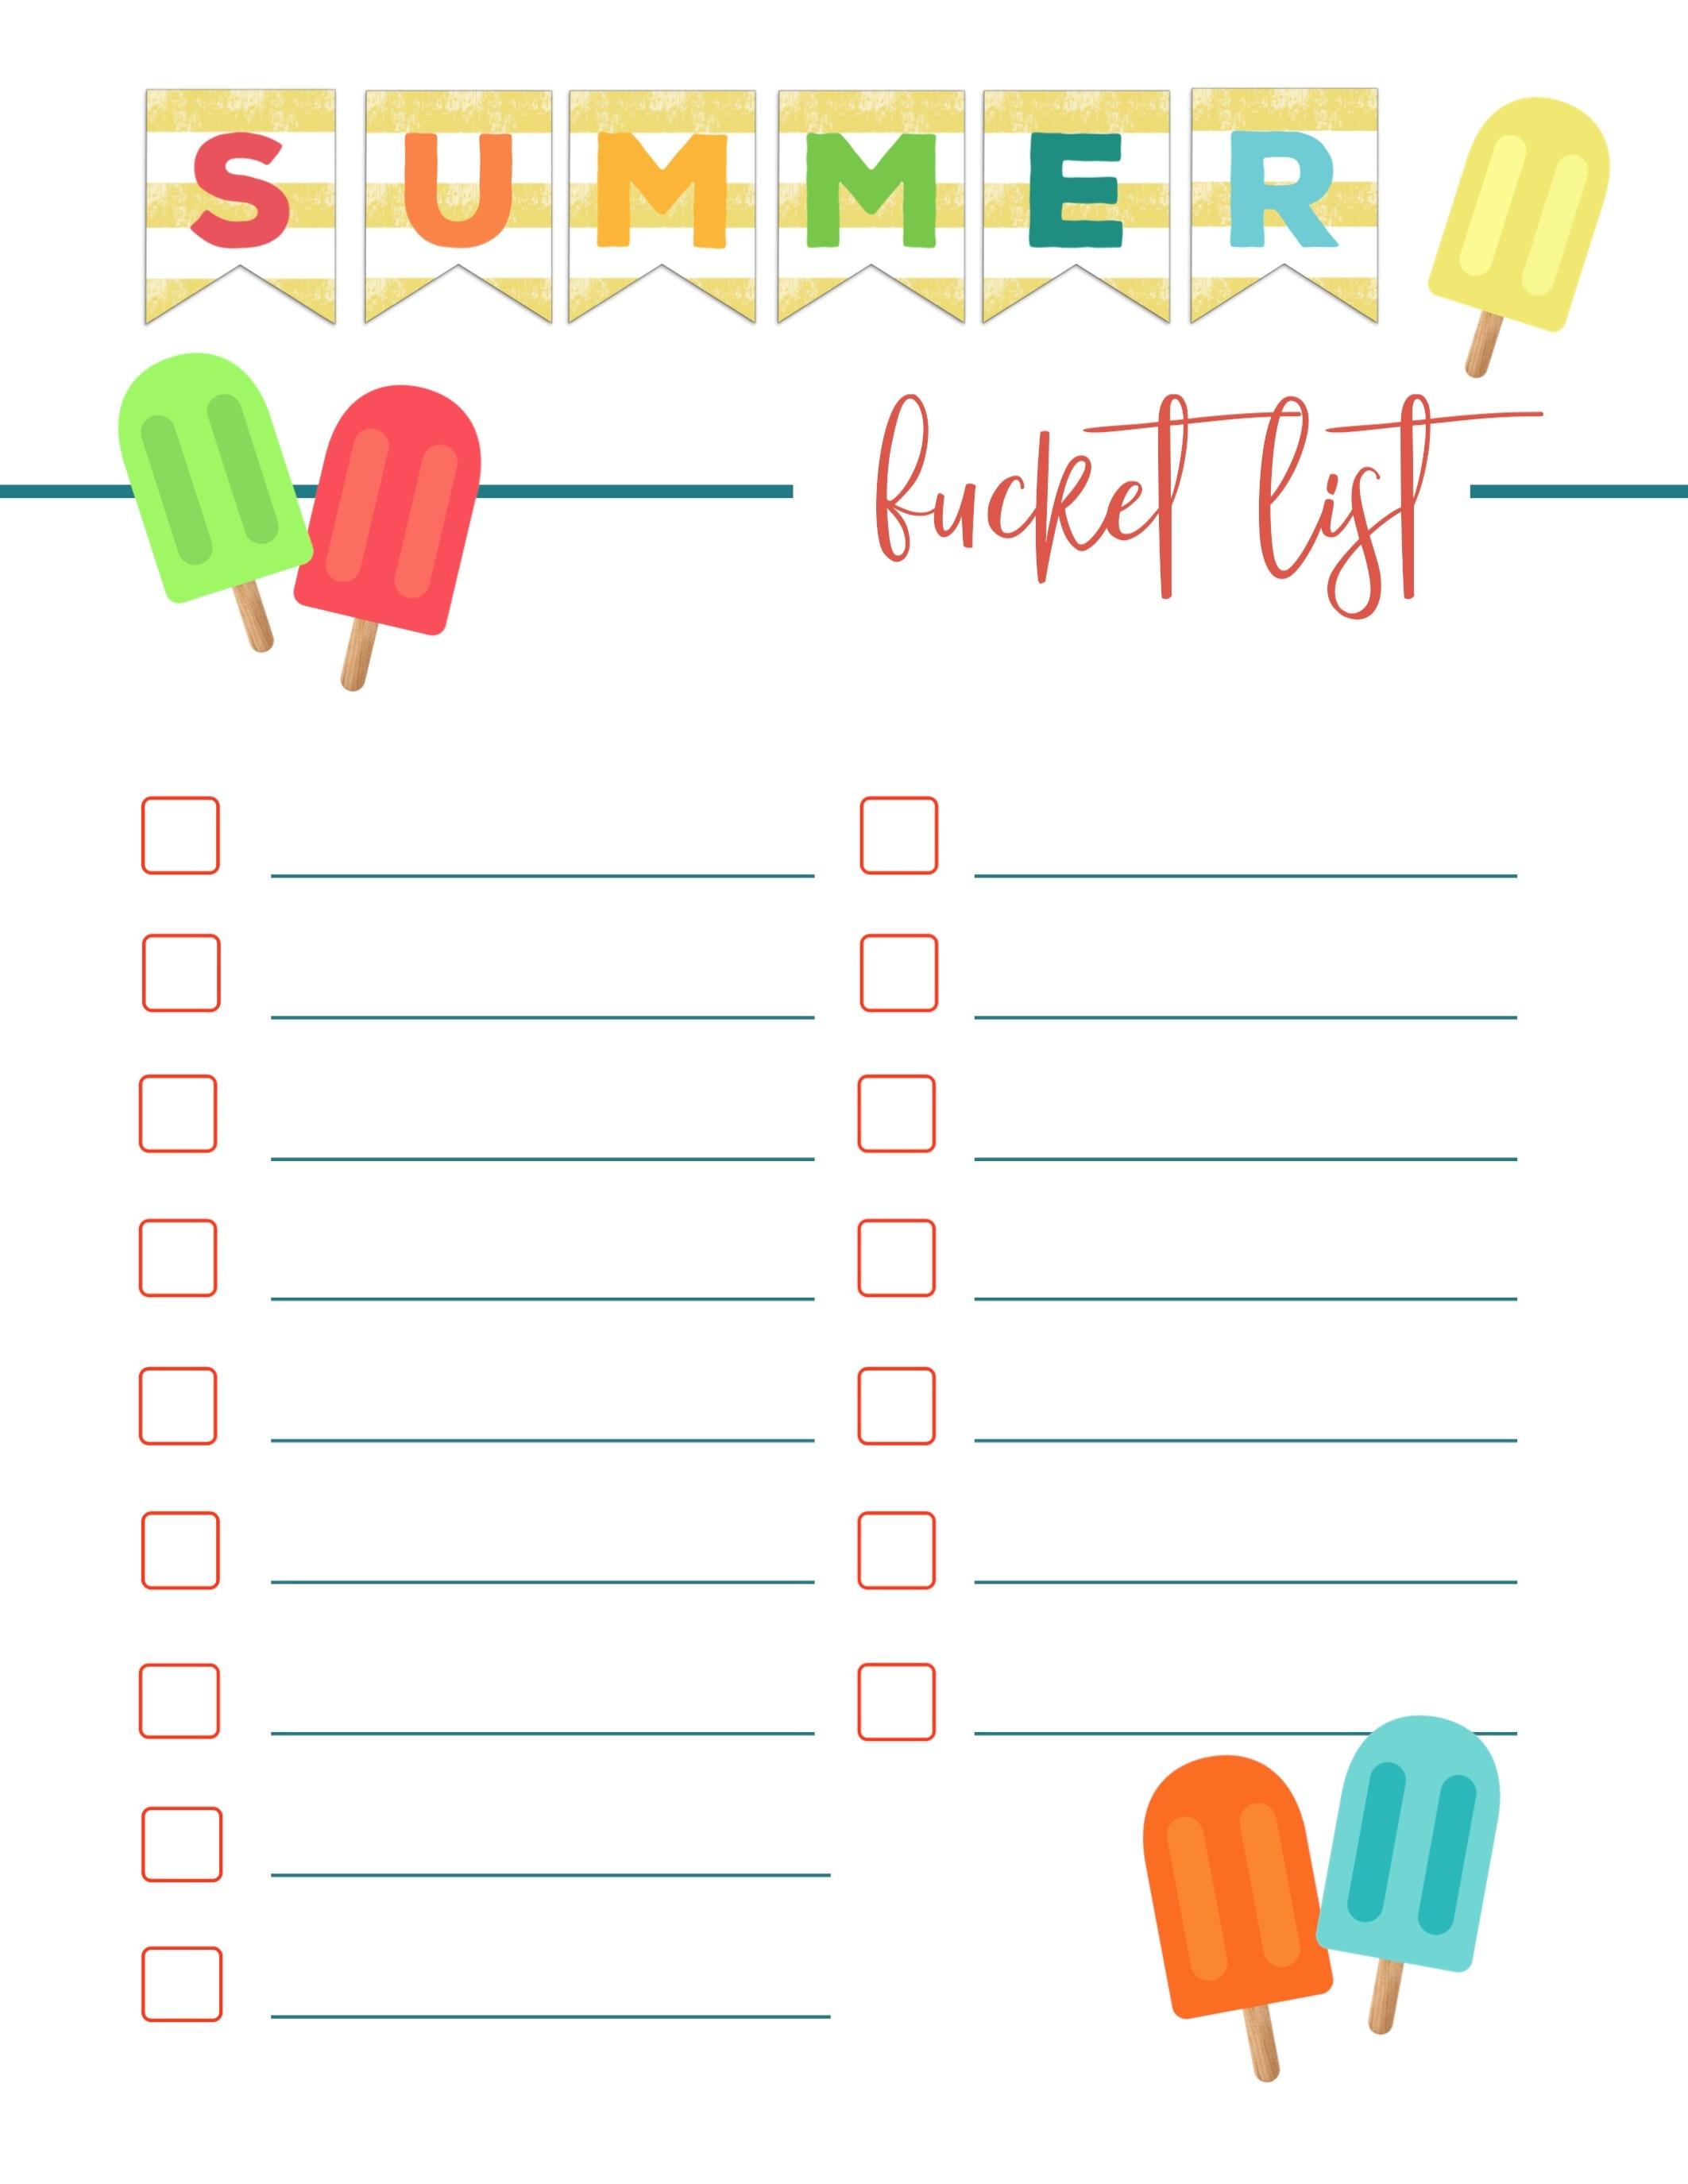 Free Printable Summer Bucket List Ideas Template - Paper Trail Design - Free Printable Summer Pictures